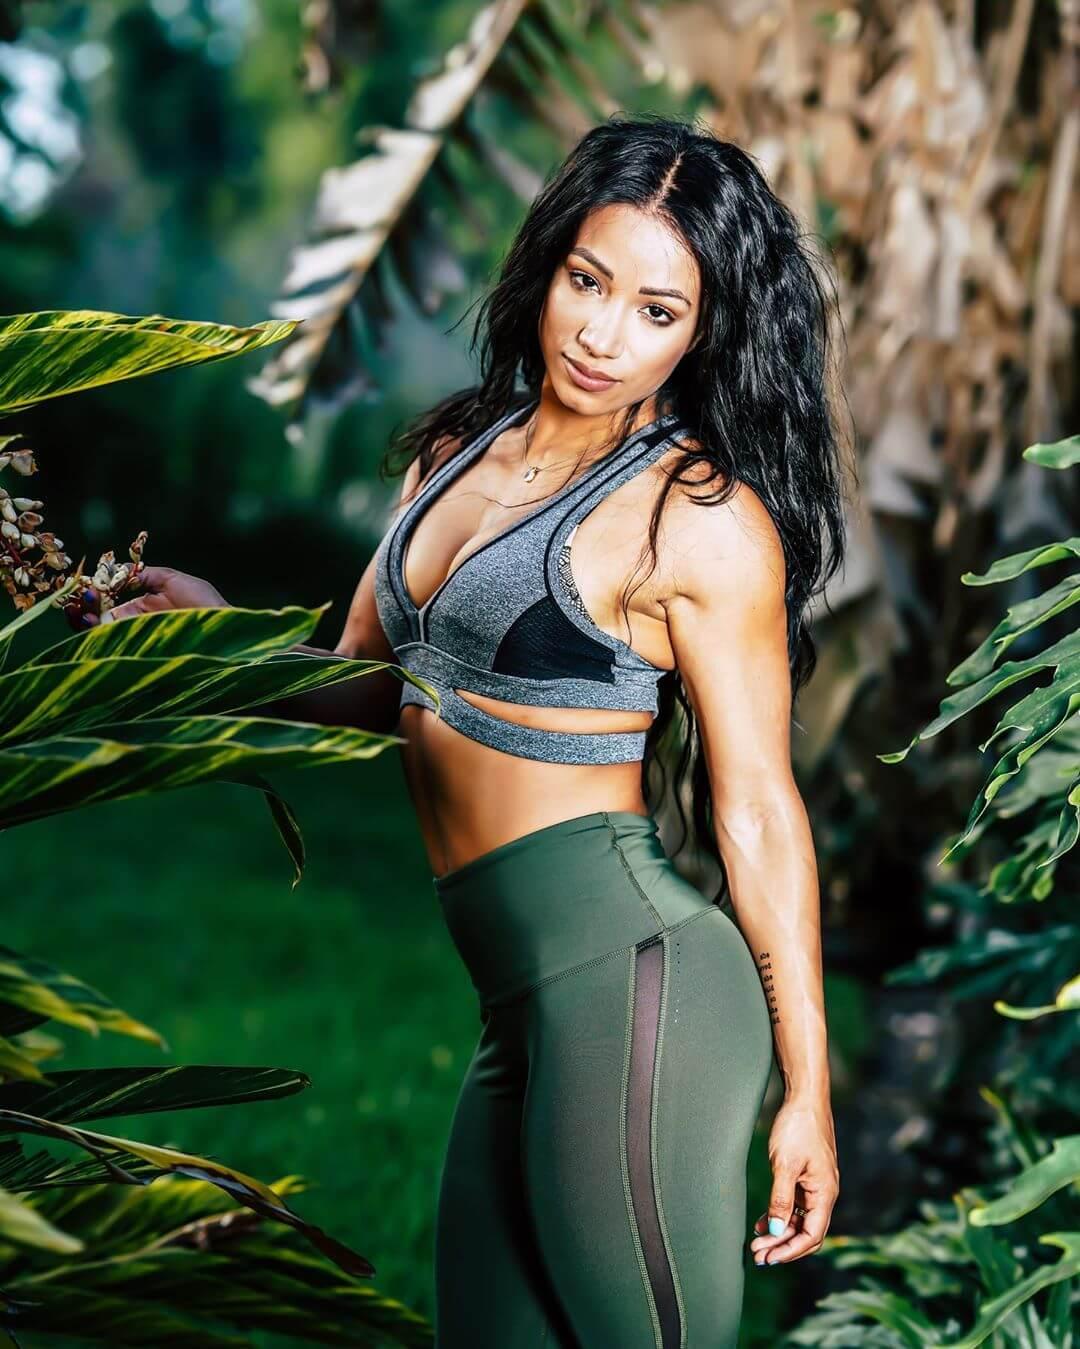 Sasha Banks hot look pics